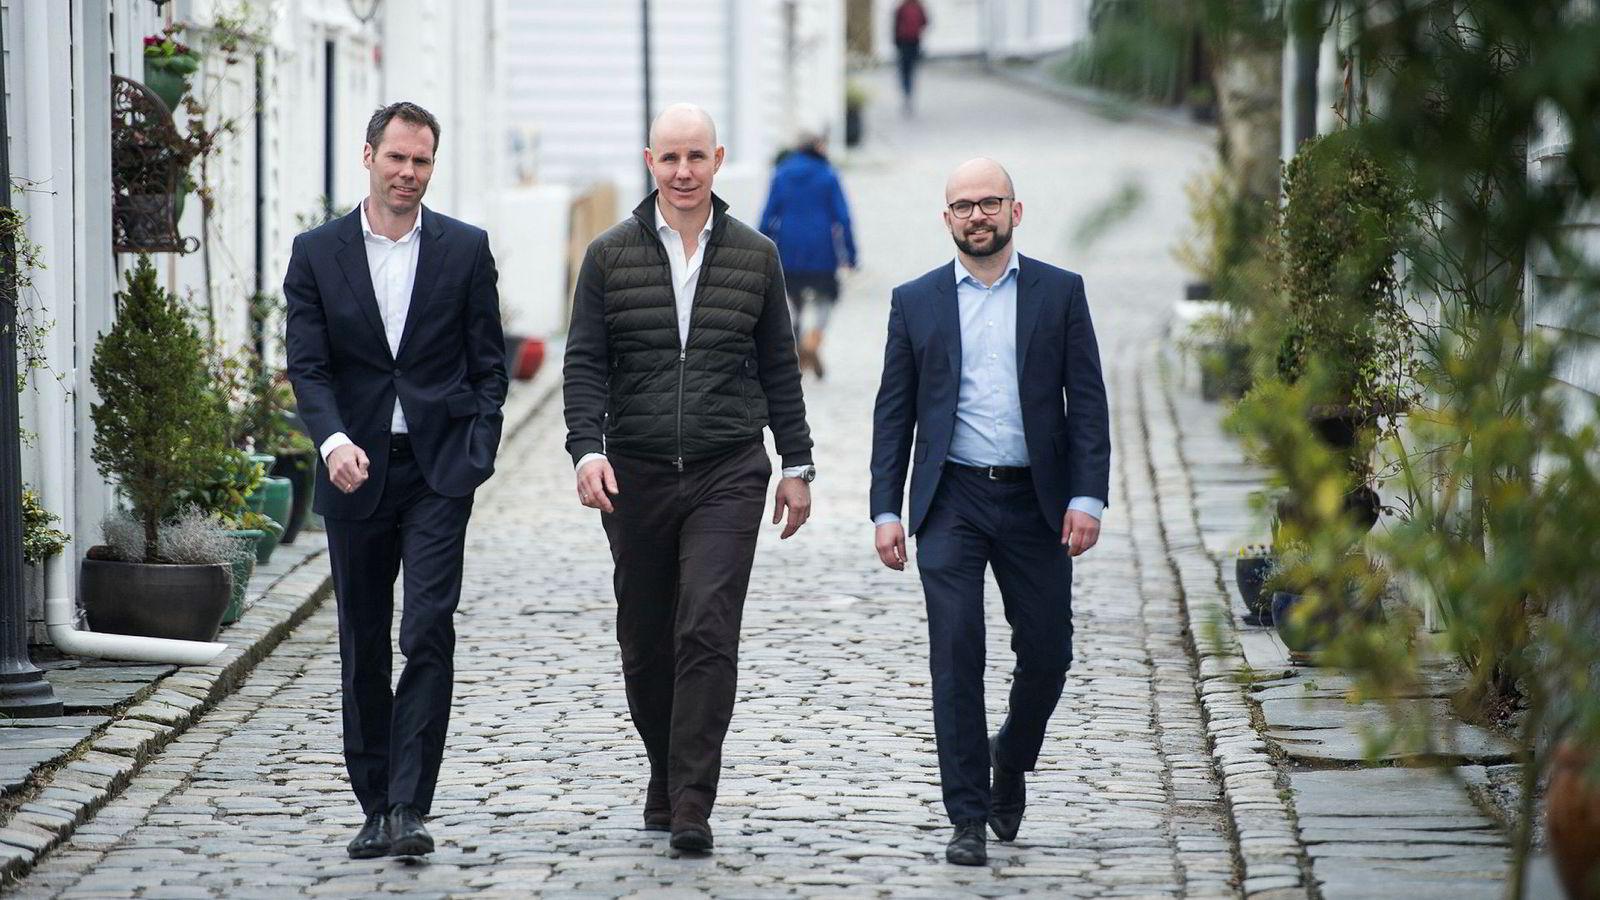 Tore Gjedebo (i midten) selger seg ut av Hitecvision etter flere års uenighet. Her er han sammen med invsteringsdirektørene  Knut Olav Rød (til venstre) og Haakon Stenrød i selskapet Watrium som kjøper Gjedebos eierandel.